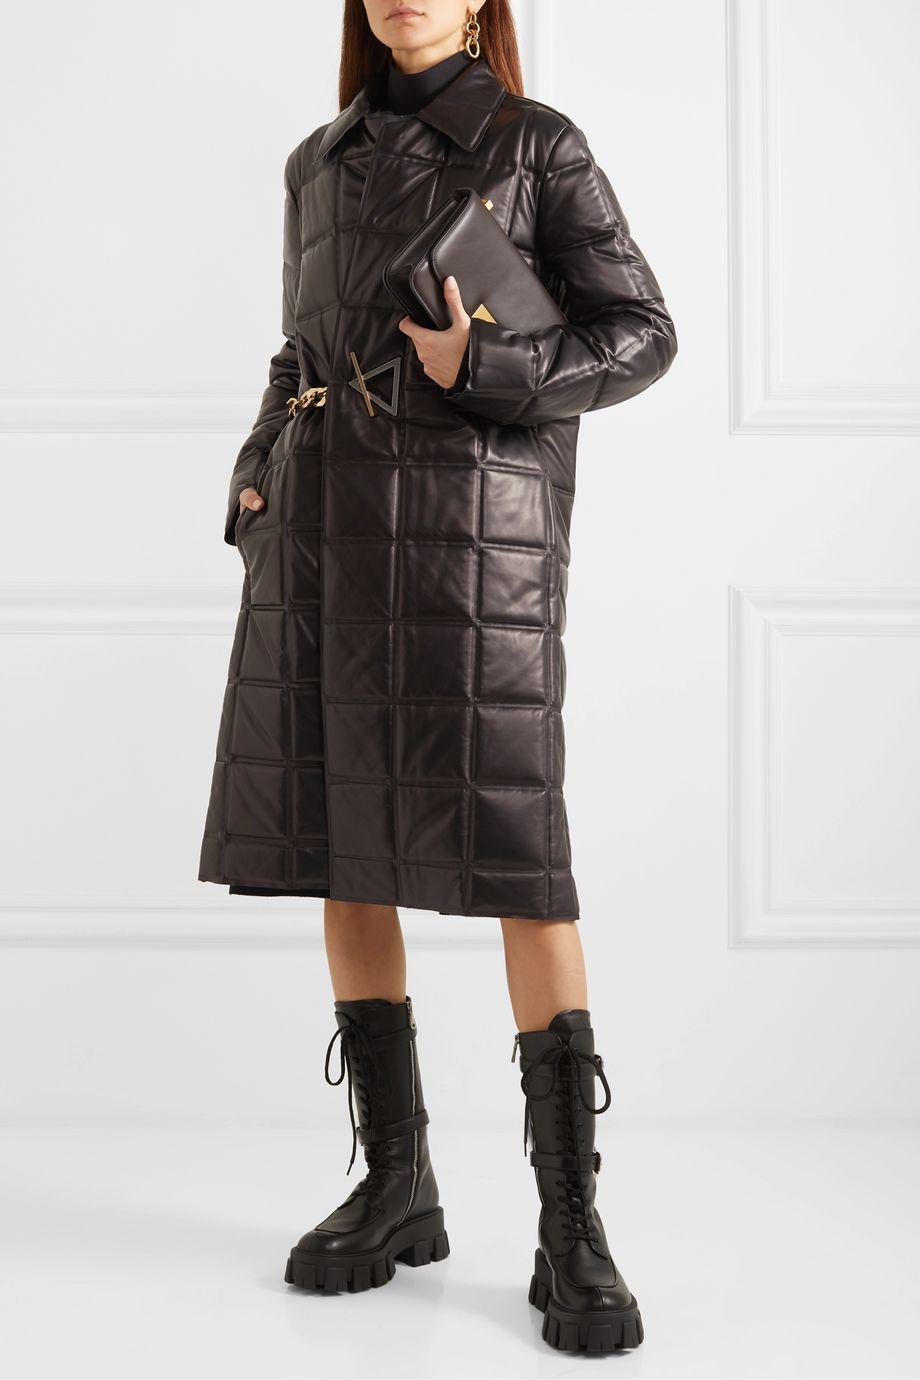 Bottega Veneta Chain-embellished quilted leather coat